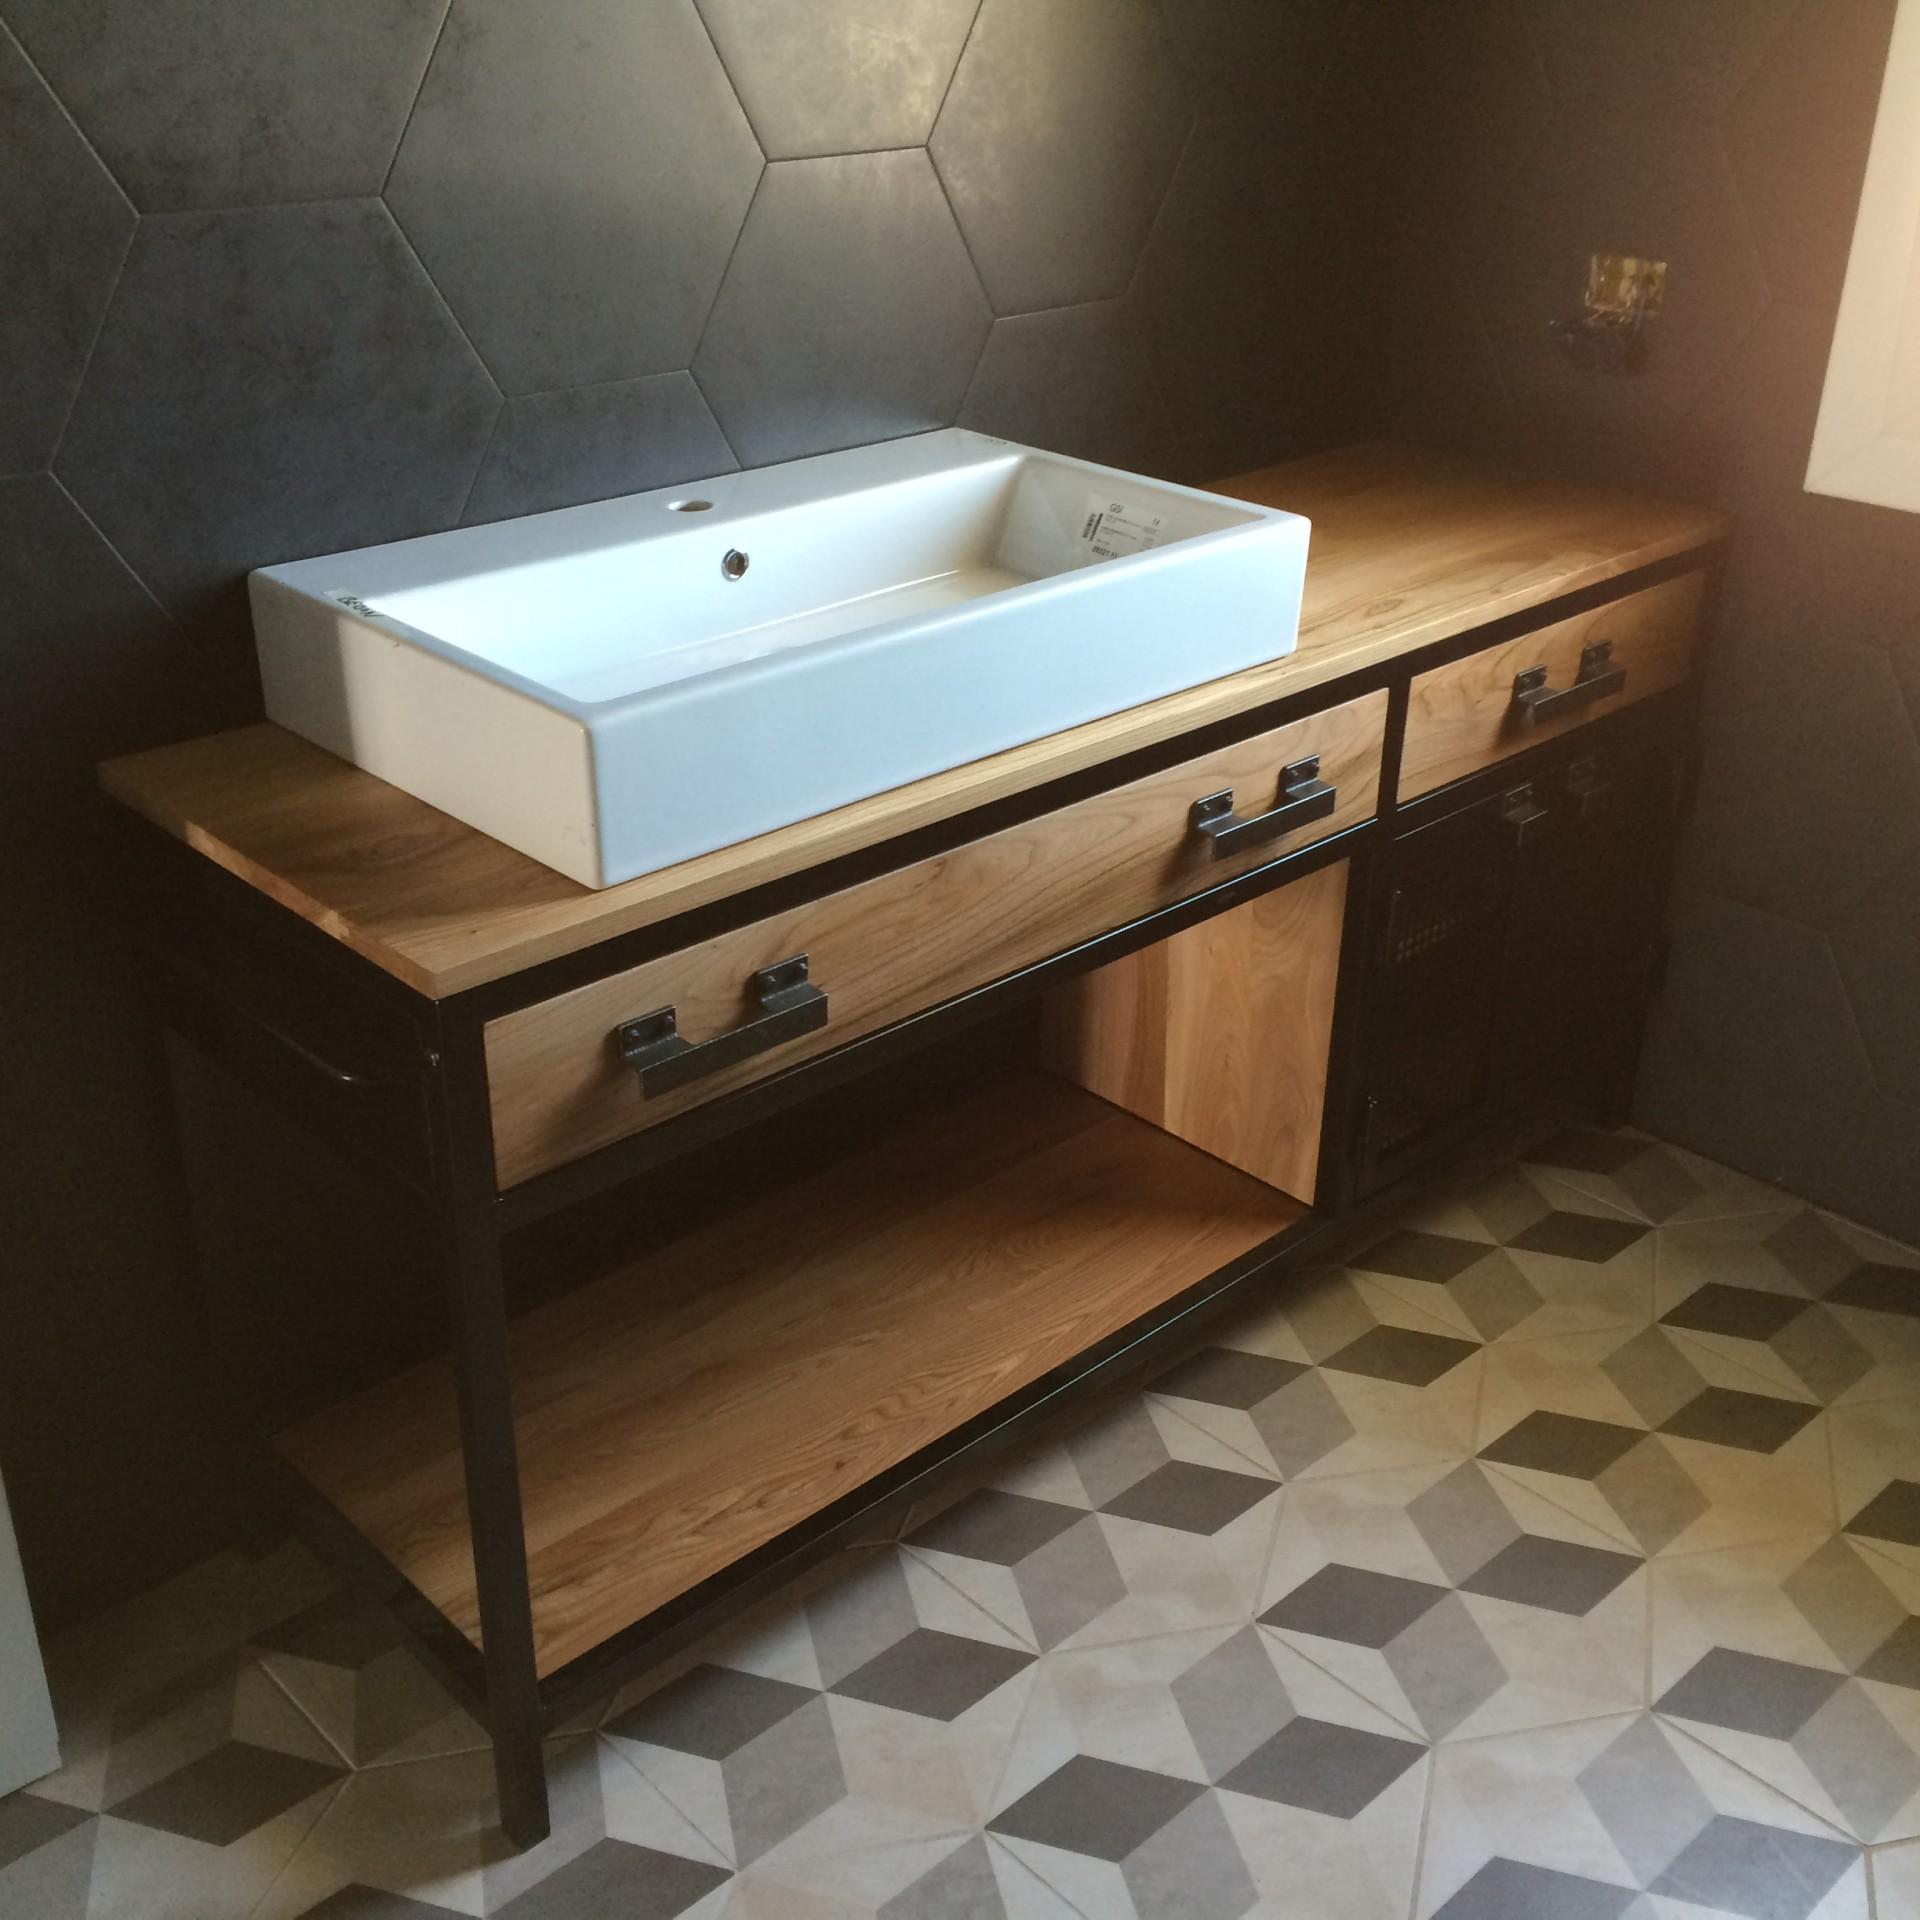 Mobile per bagno in legno e ferro art 446 fadini mobili cerea verona - Mobile legno bagno ...